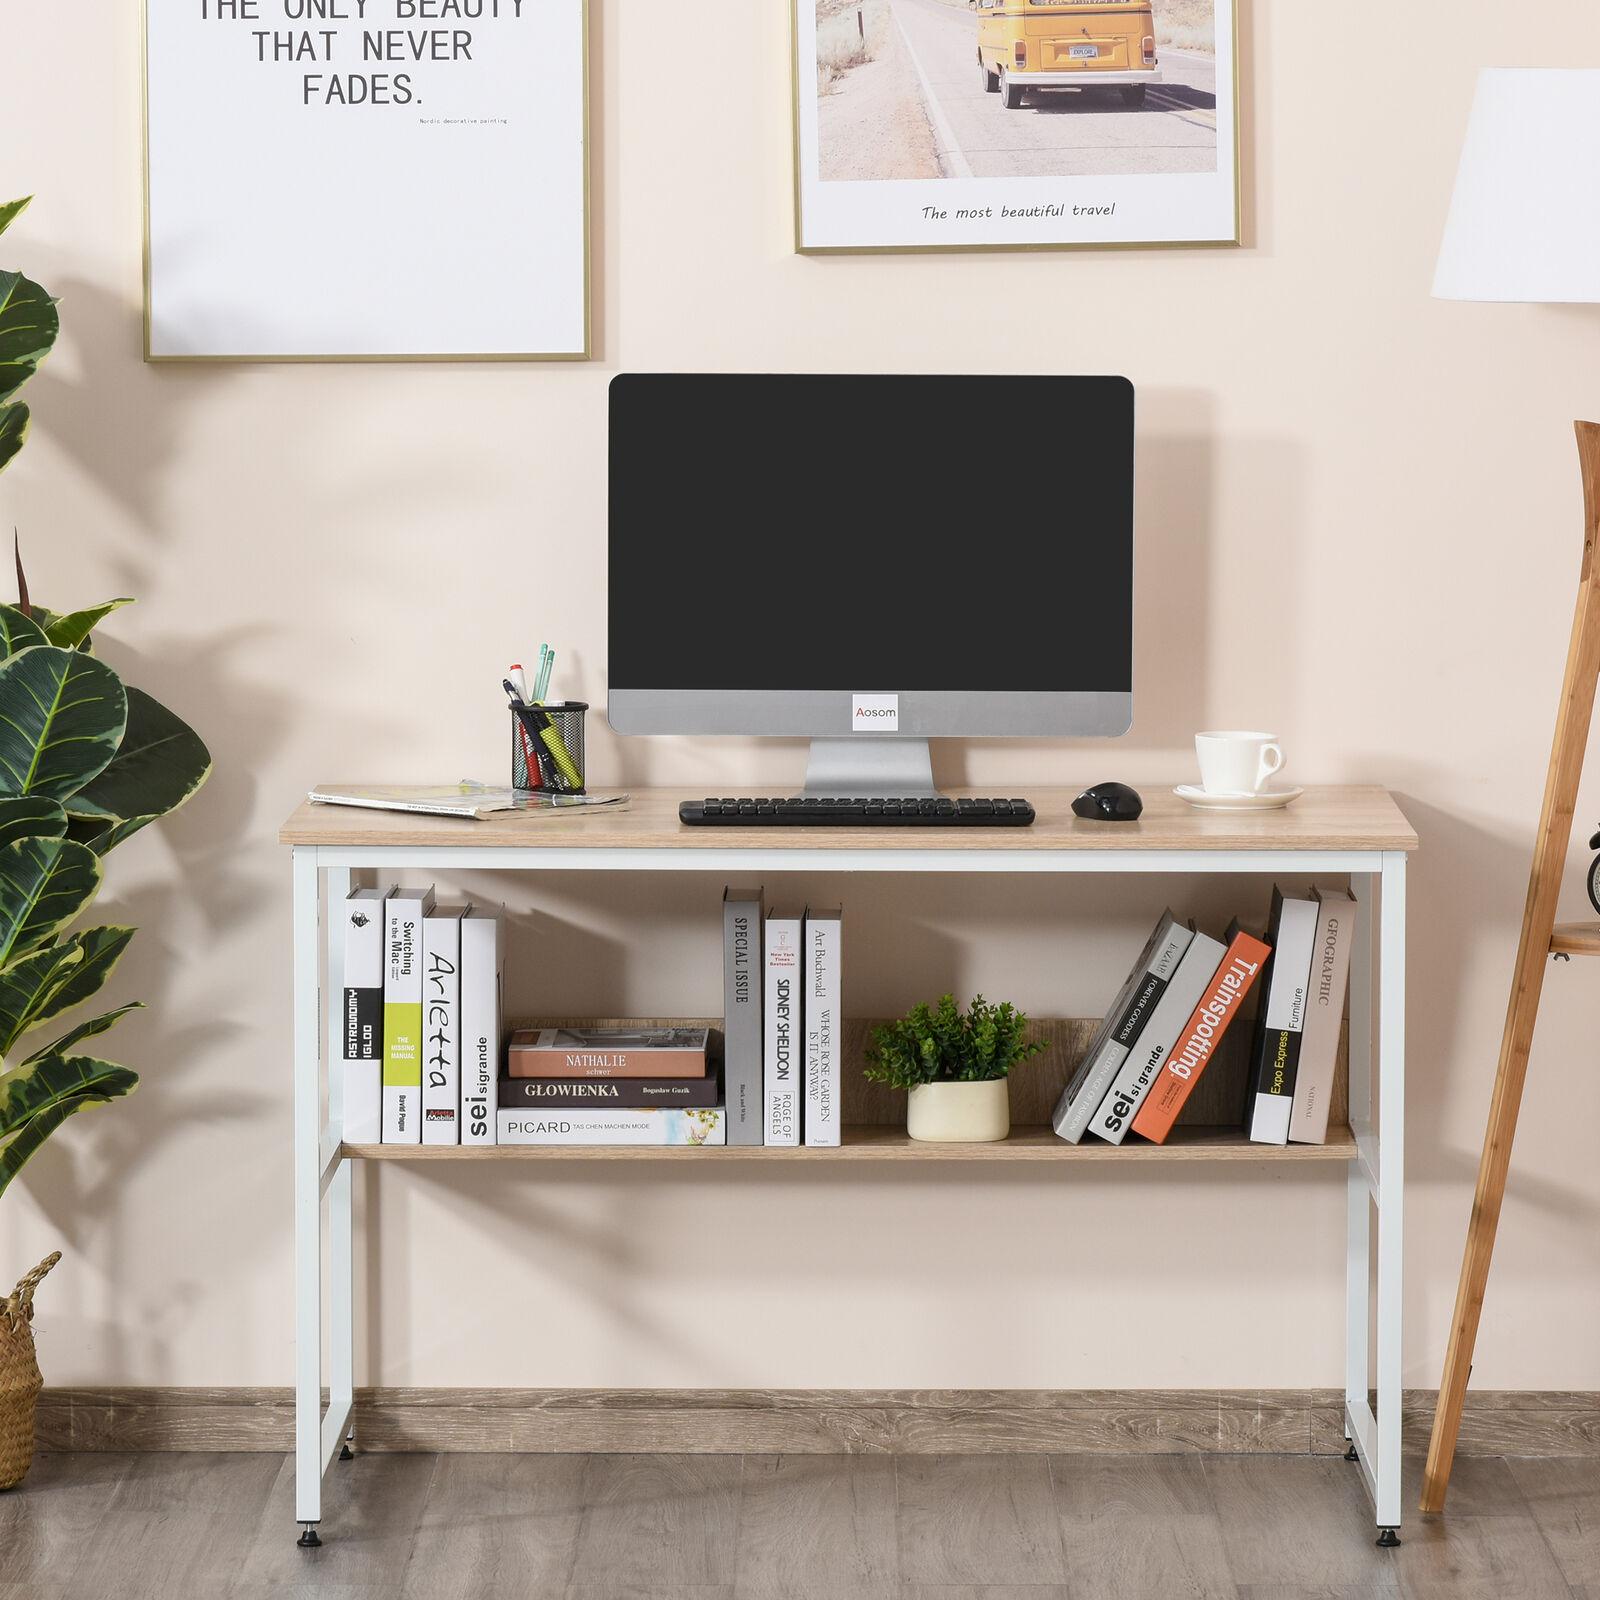 HOMCOM Study Metal Framed Desk - White Frame Model £41.39 / Black Frame Model £43.19 Using Code @ eBay / mhstarukltd